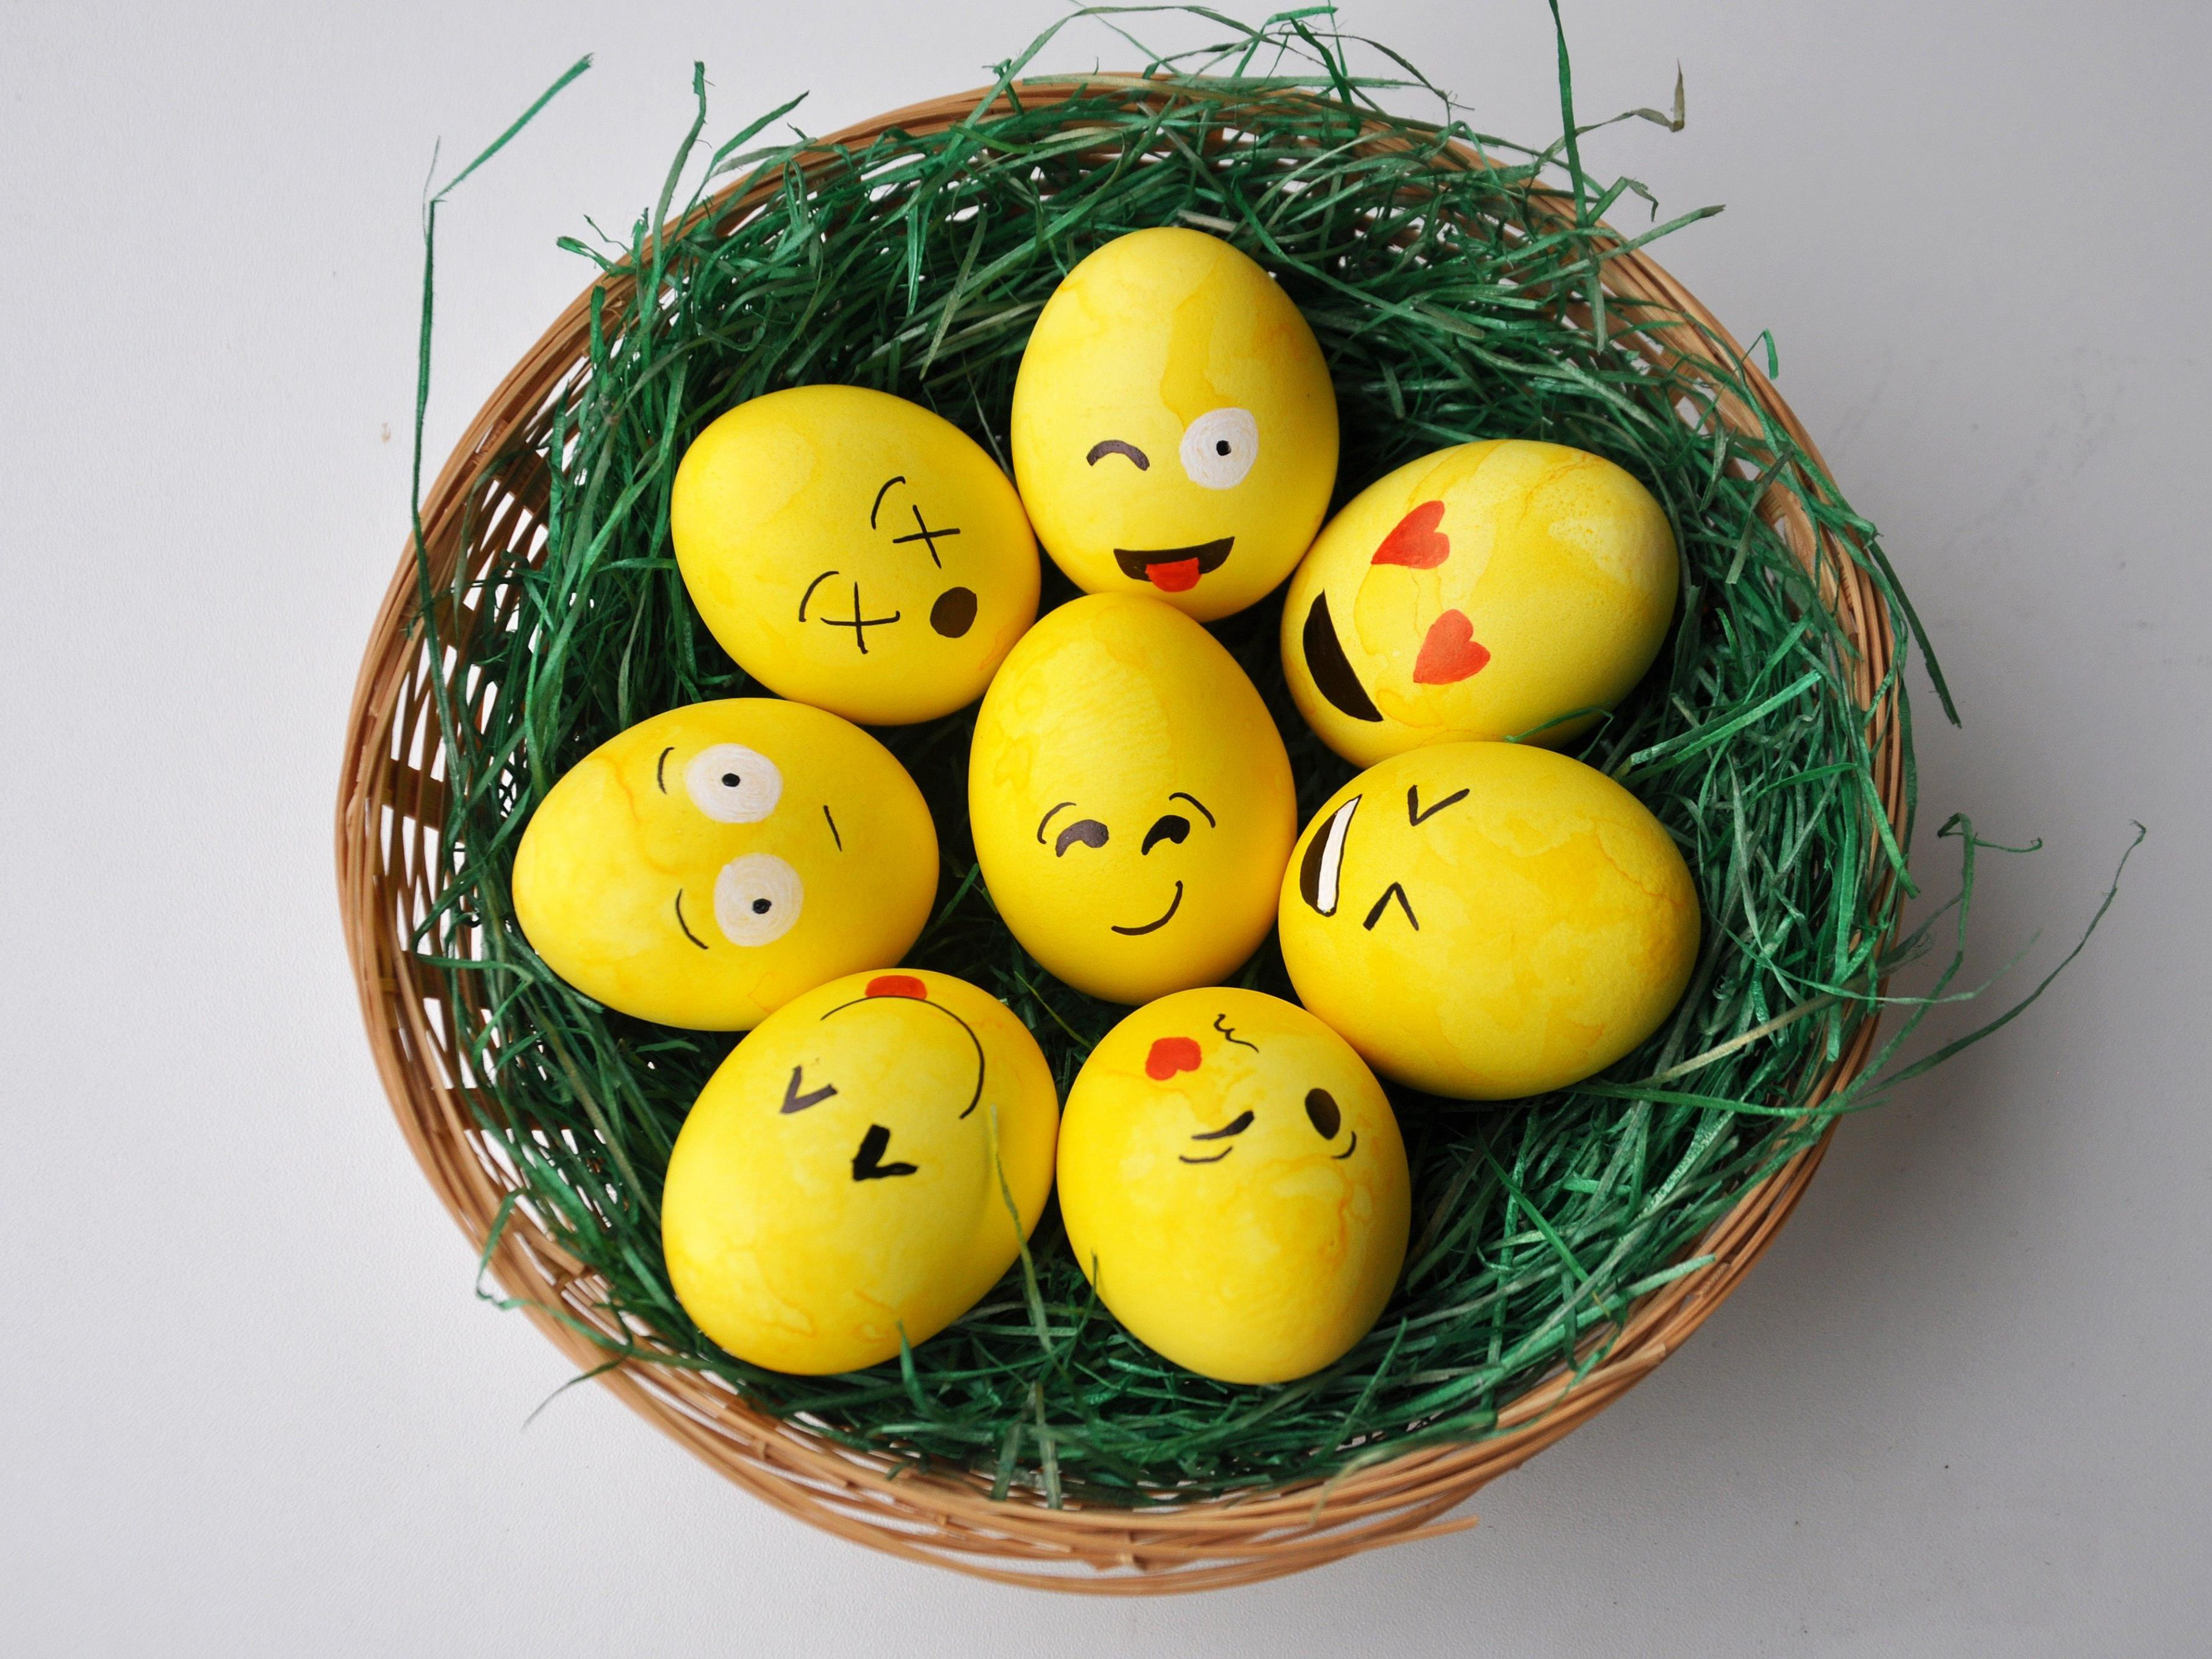 Die Emoji-Ostereier eignen sich auch als persönliches Ostergeschenk mit Botschaft.